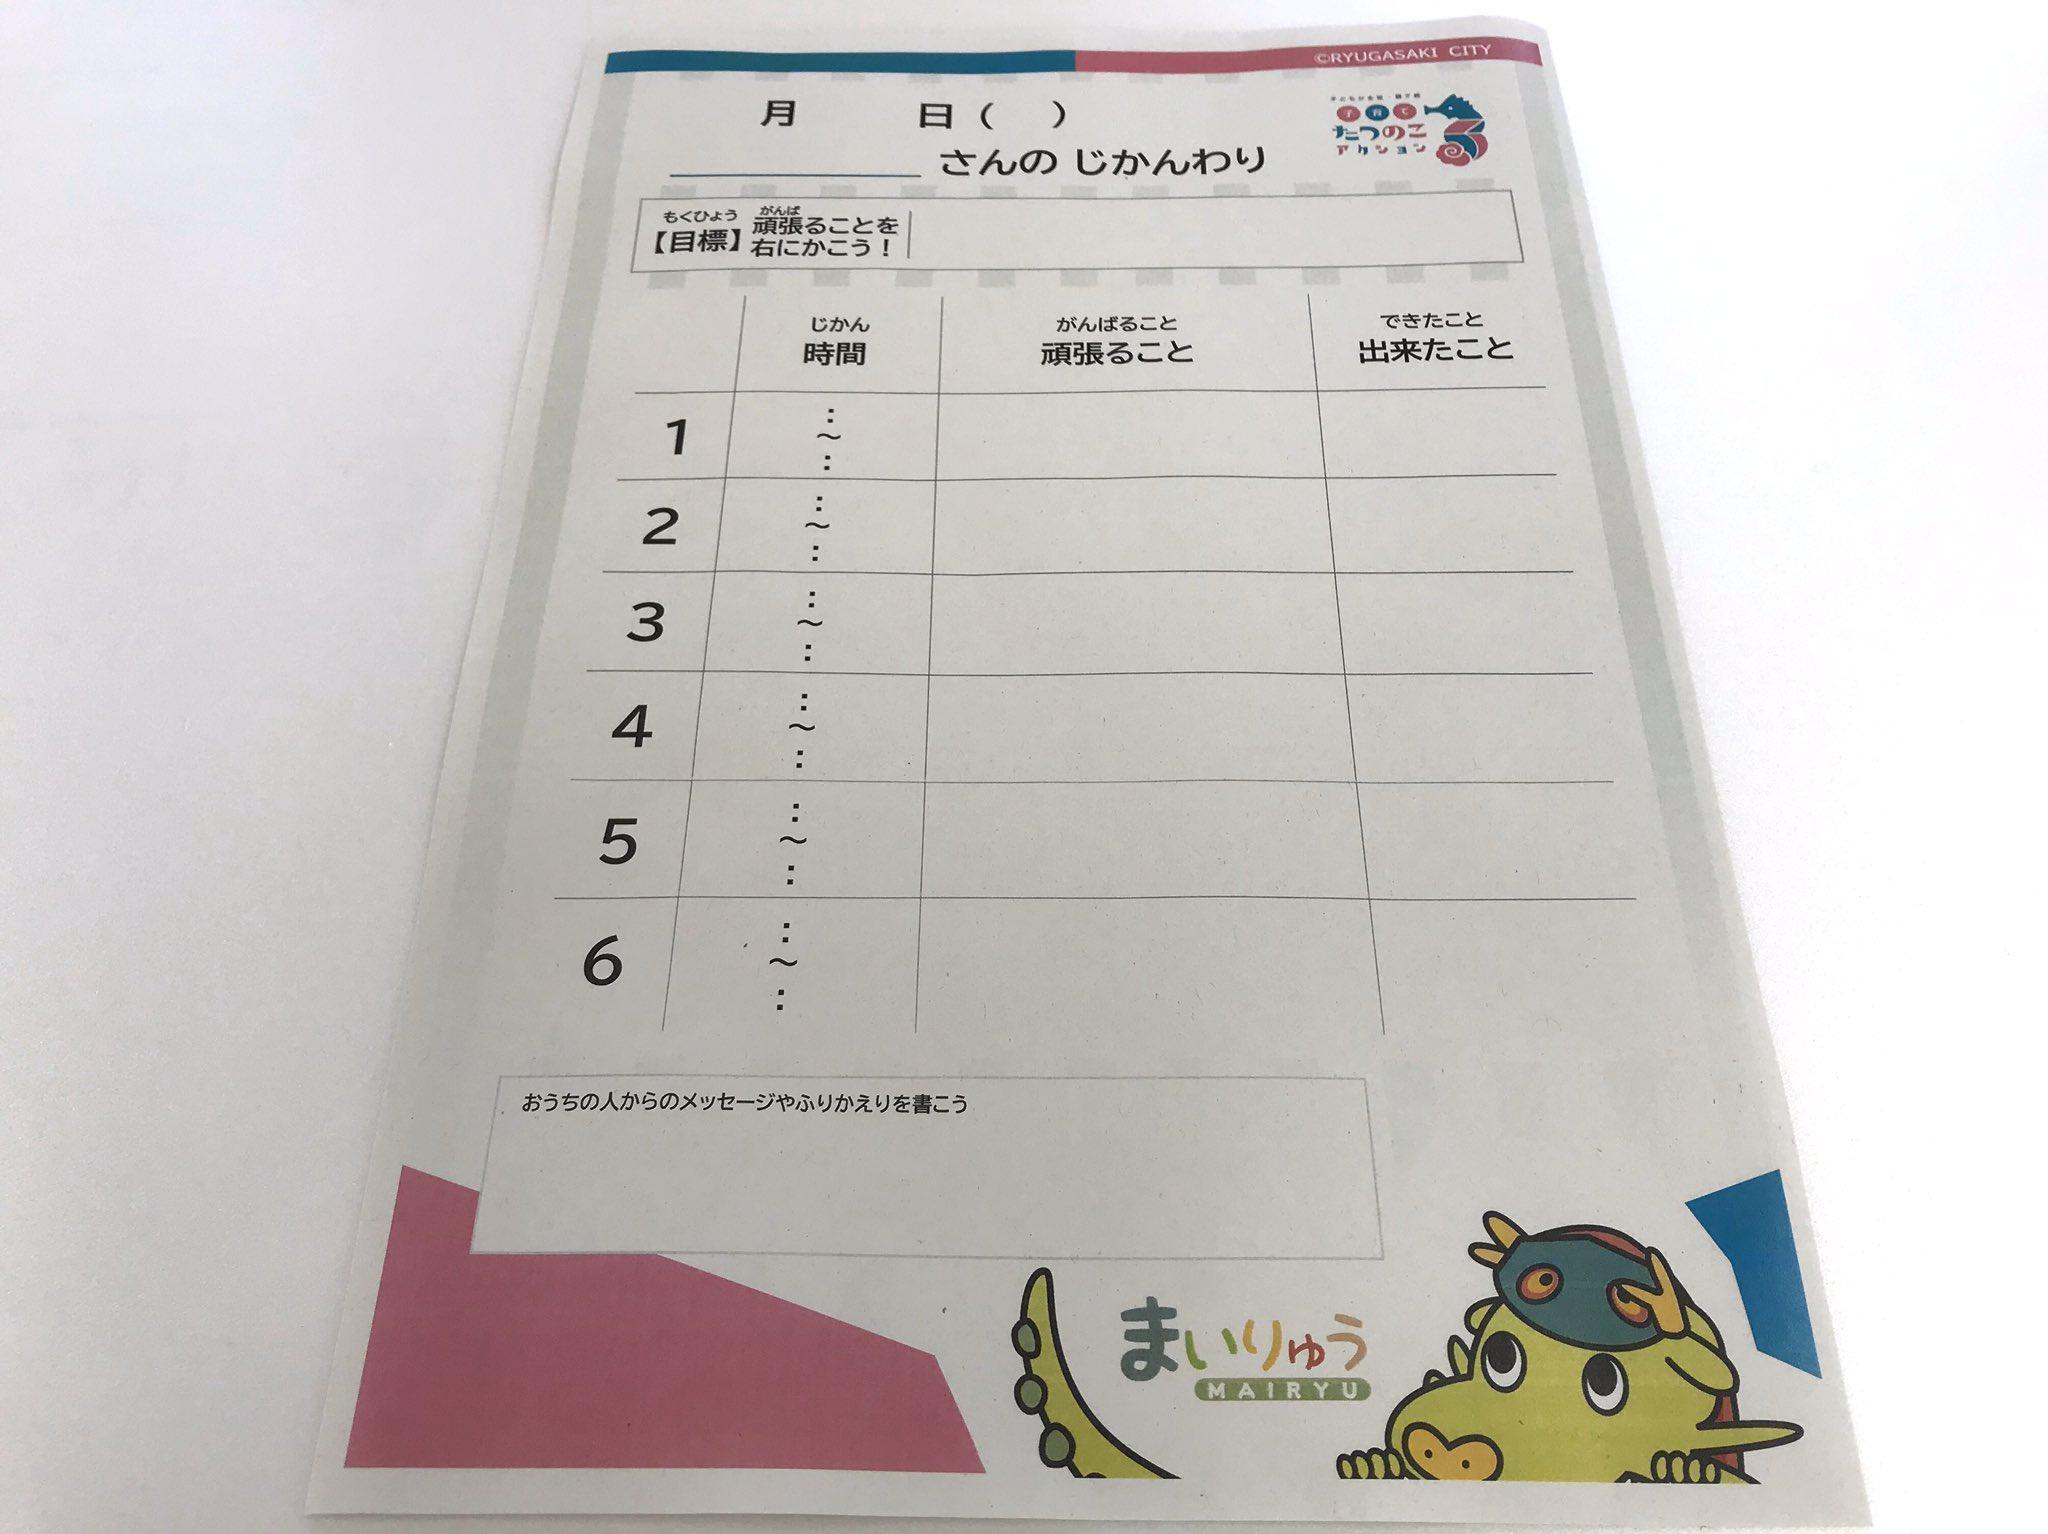 マイ時間割表を作ろう!家庭学習用テンプレートを公開